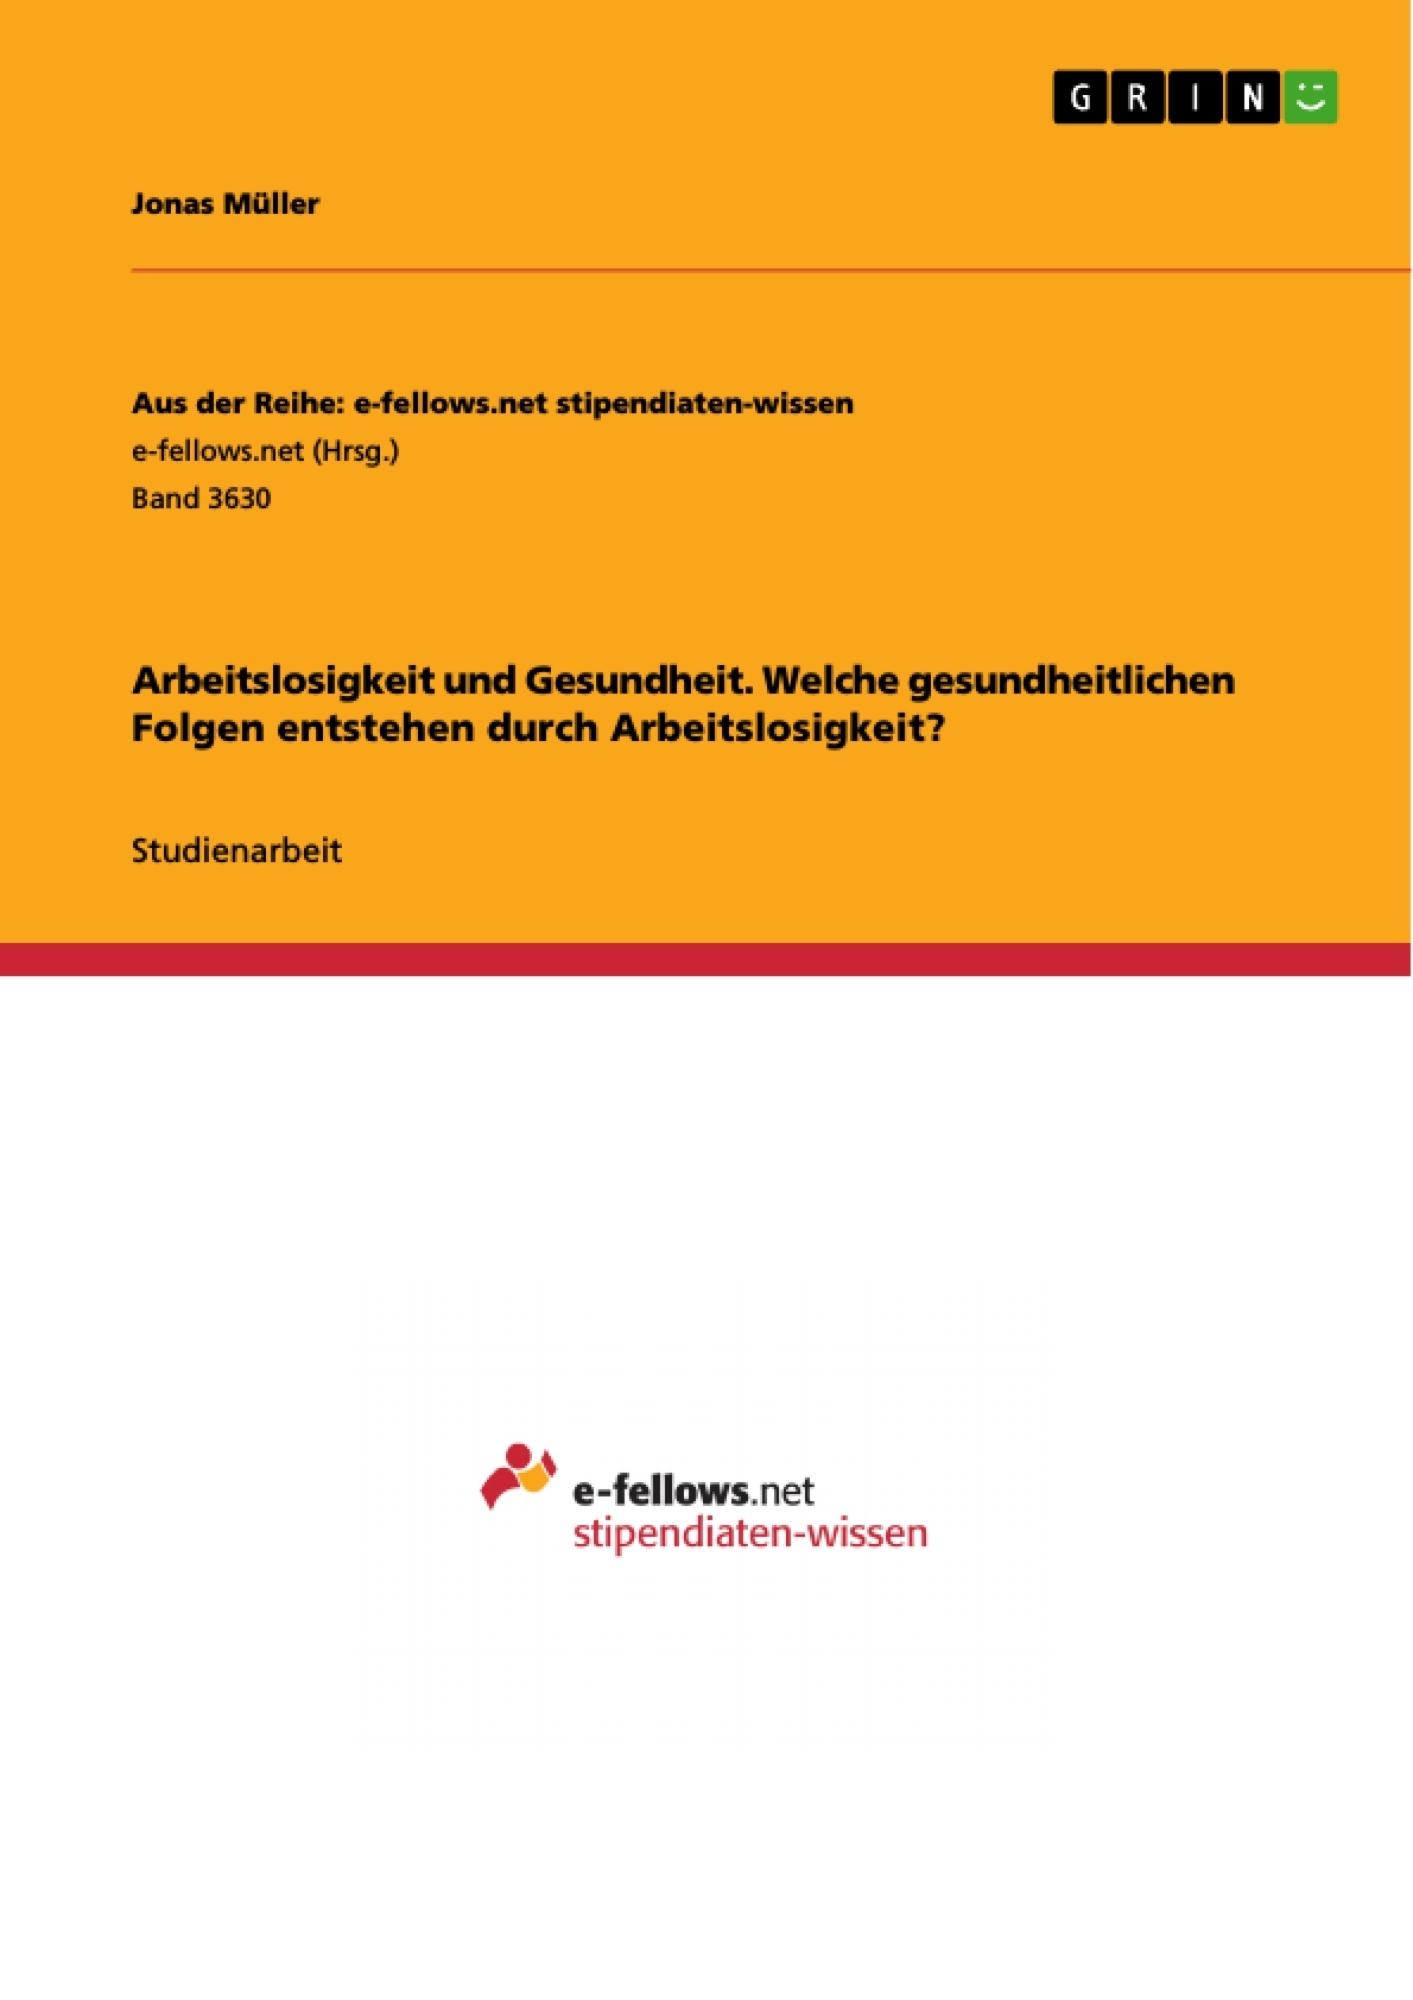 Titel: Arbeitslosigkeit und Gesundheit. Welche gesundheitlichen Folgen entstehen durch Arbeitslosigkeit?